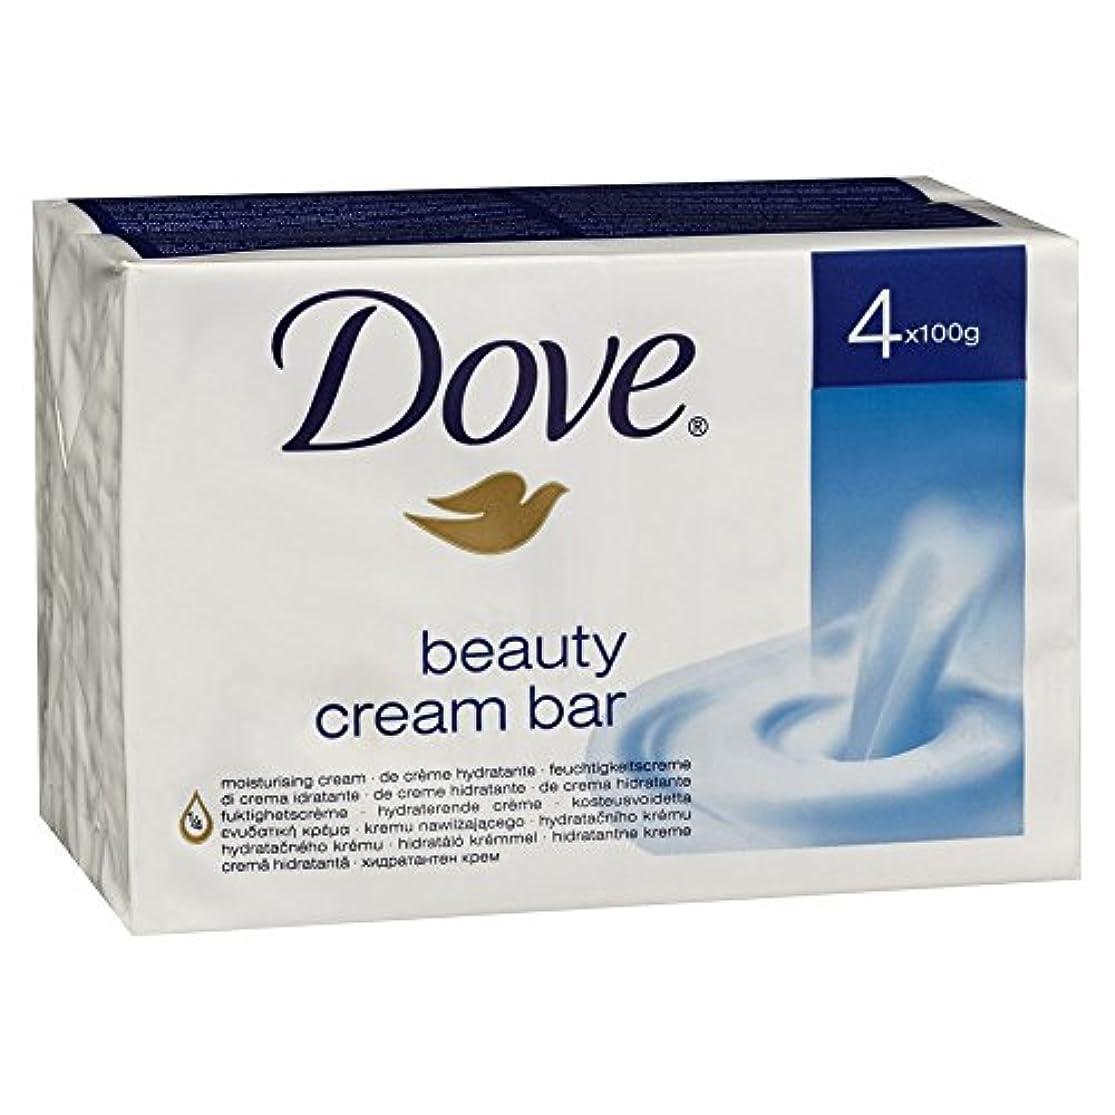 順応性のある定数横たわるDove どこ美容クリームバー石鹸4x100g